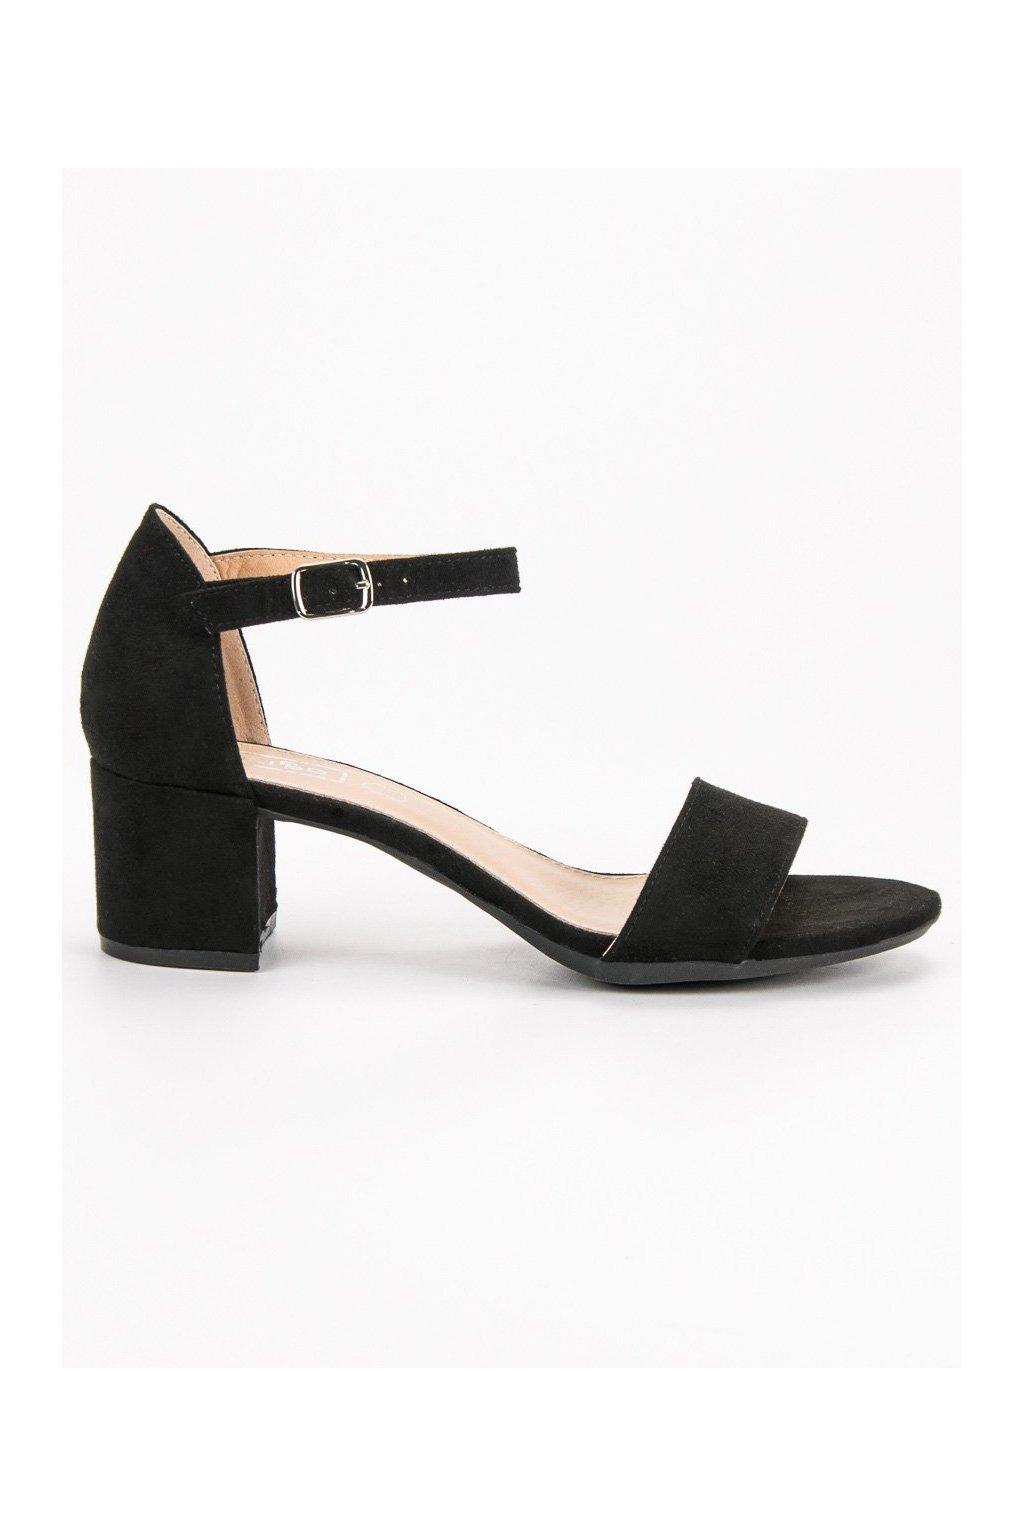 3c8db9e95d Sandále na nízkom podpätku